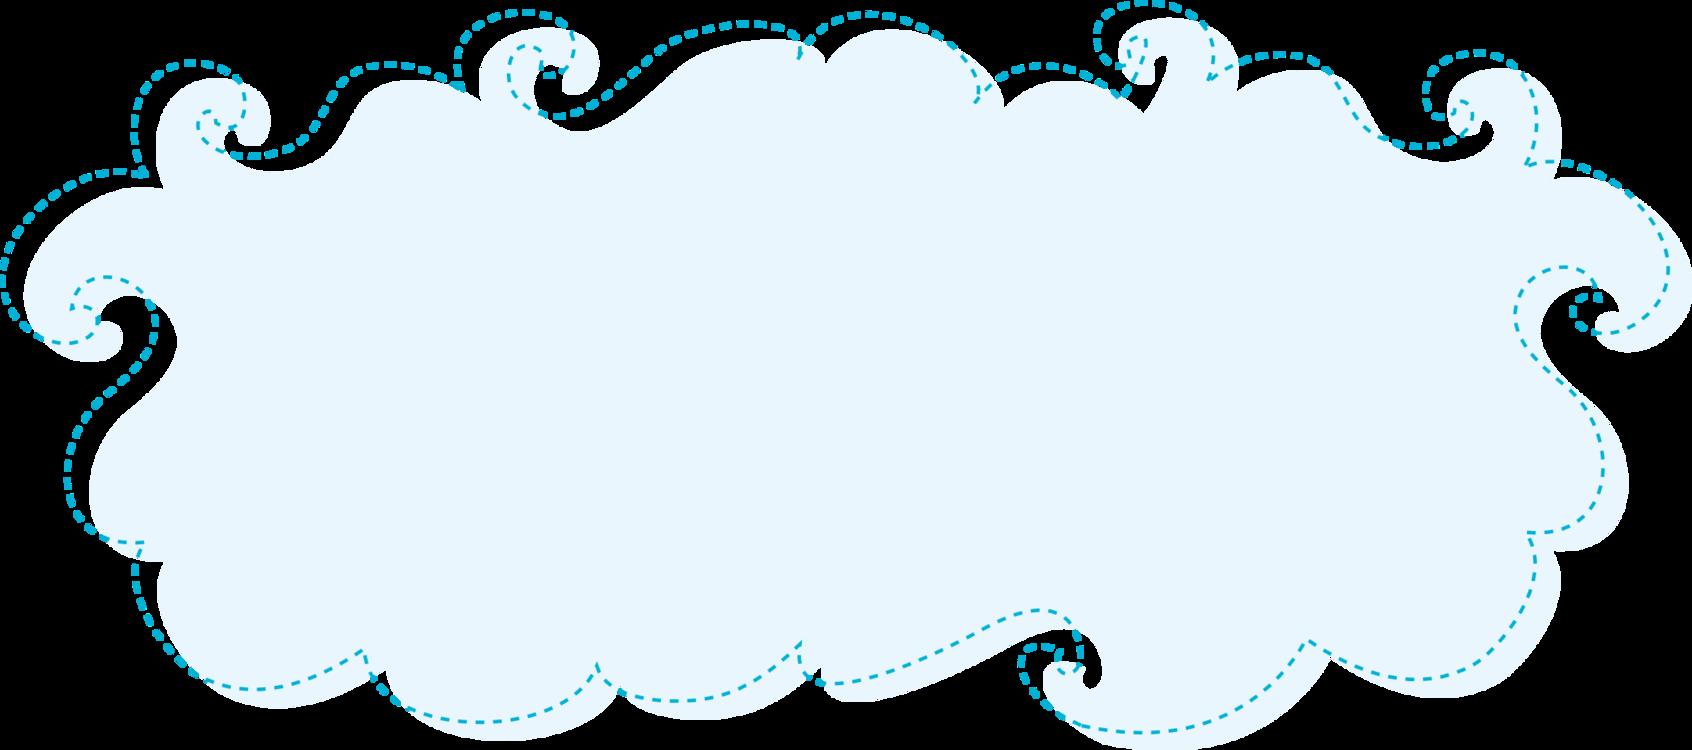 Blue,Line Art,Area